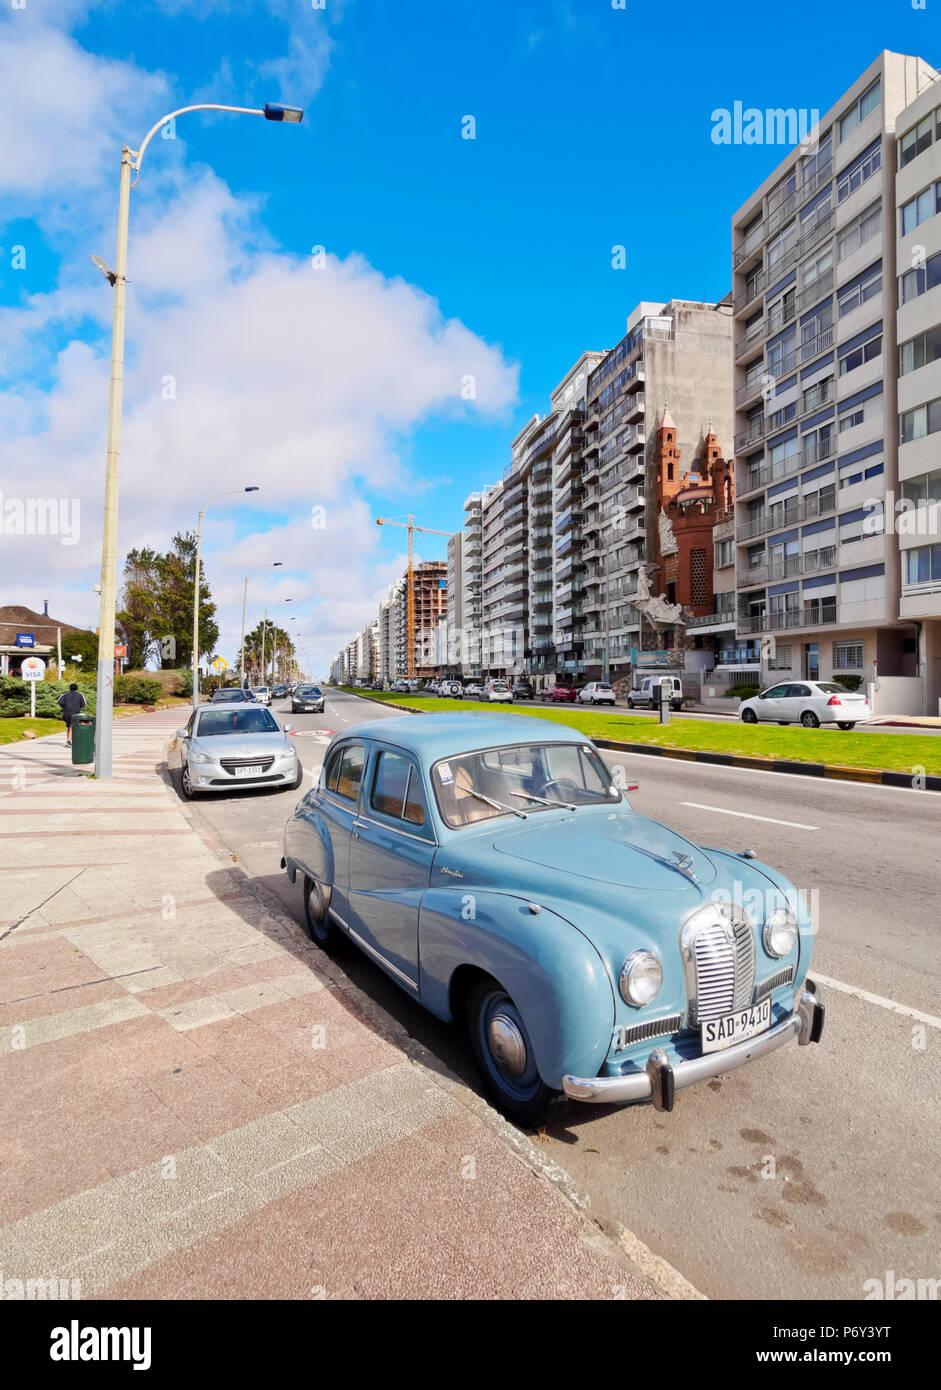 Uruguay, Montevideo, Vintage coche aparcado por la Rambla. Imagen De Stock